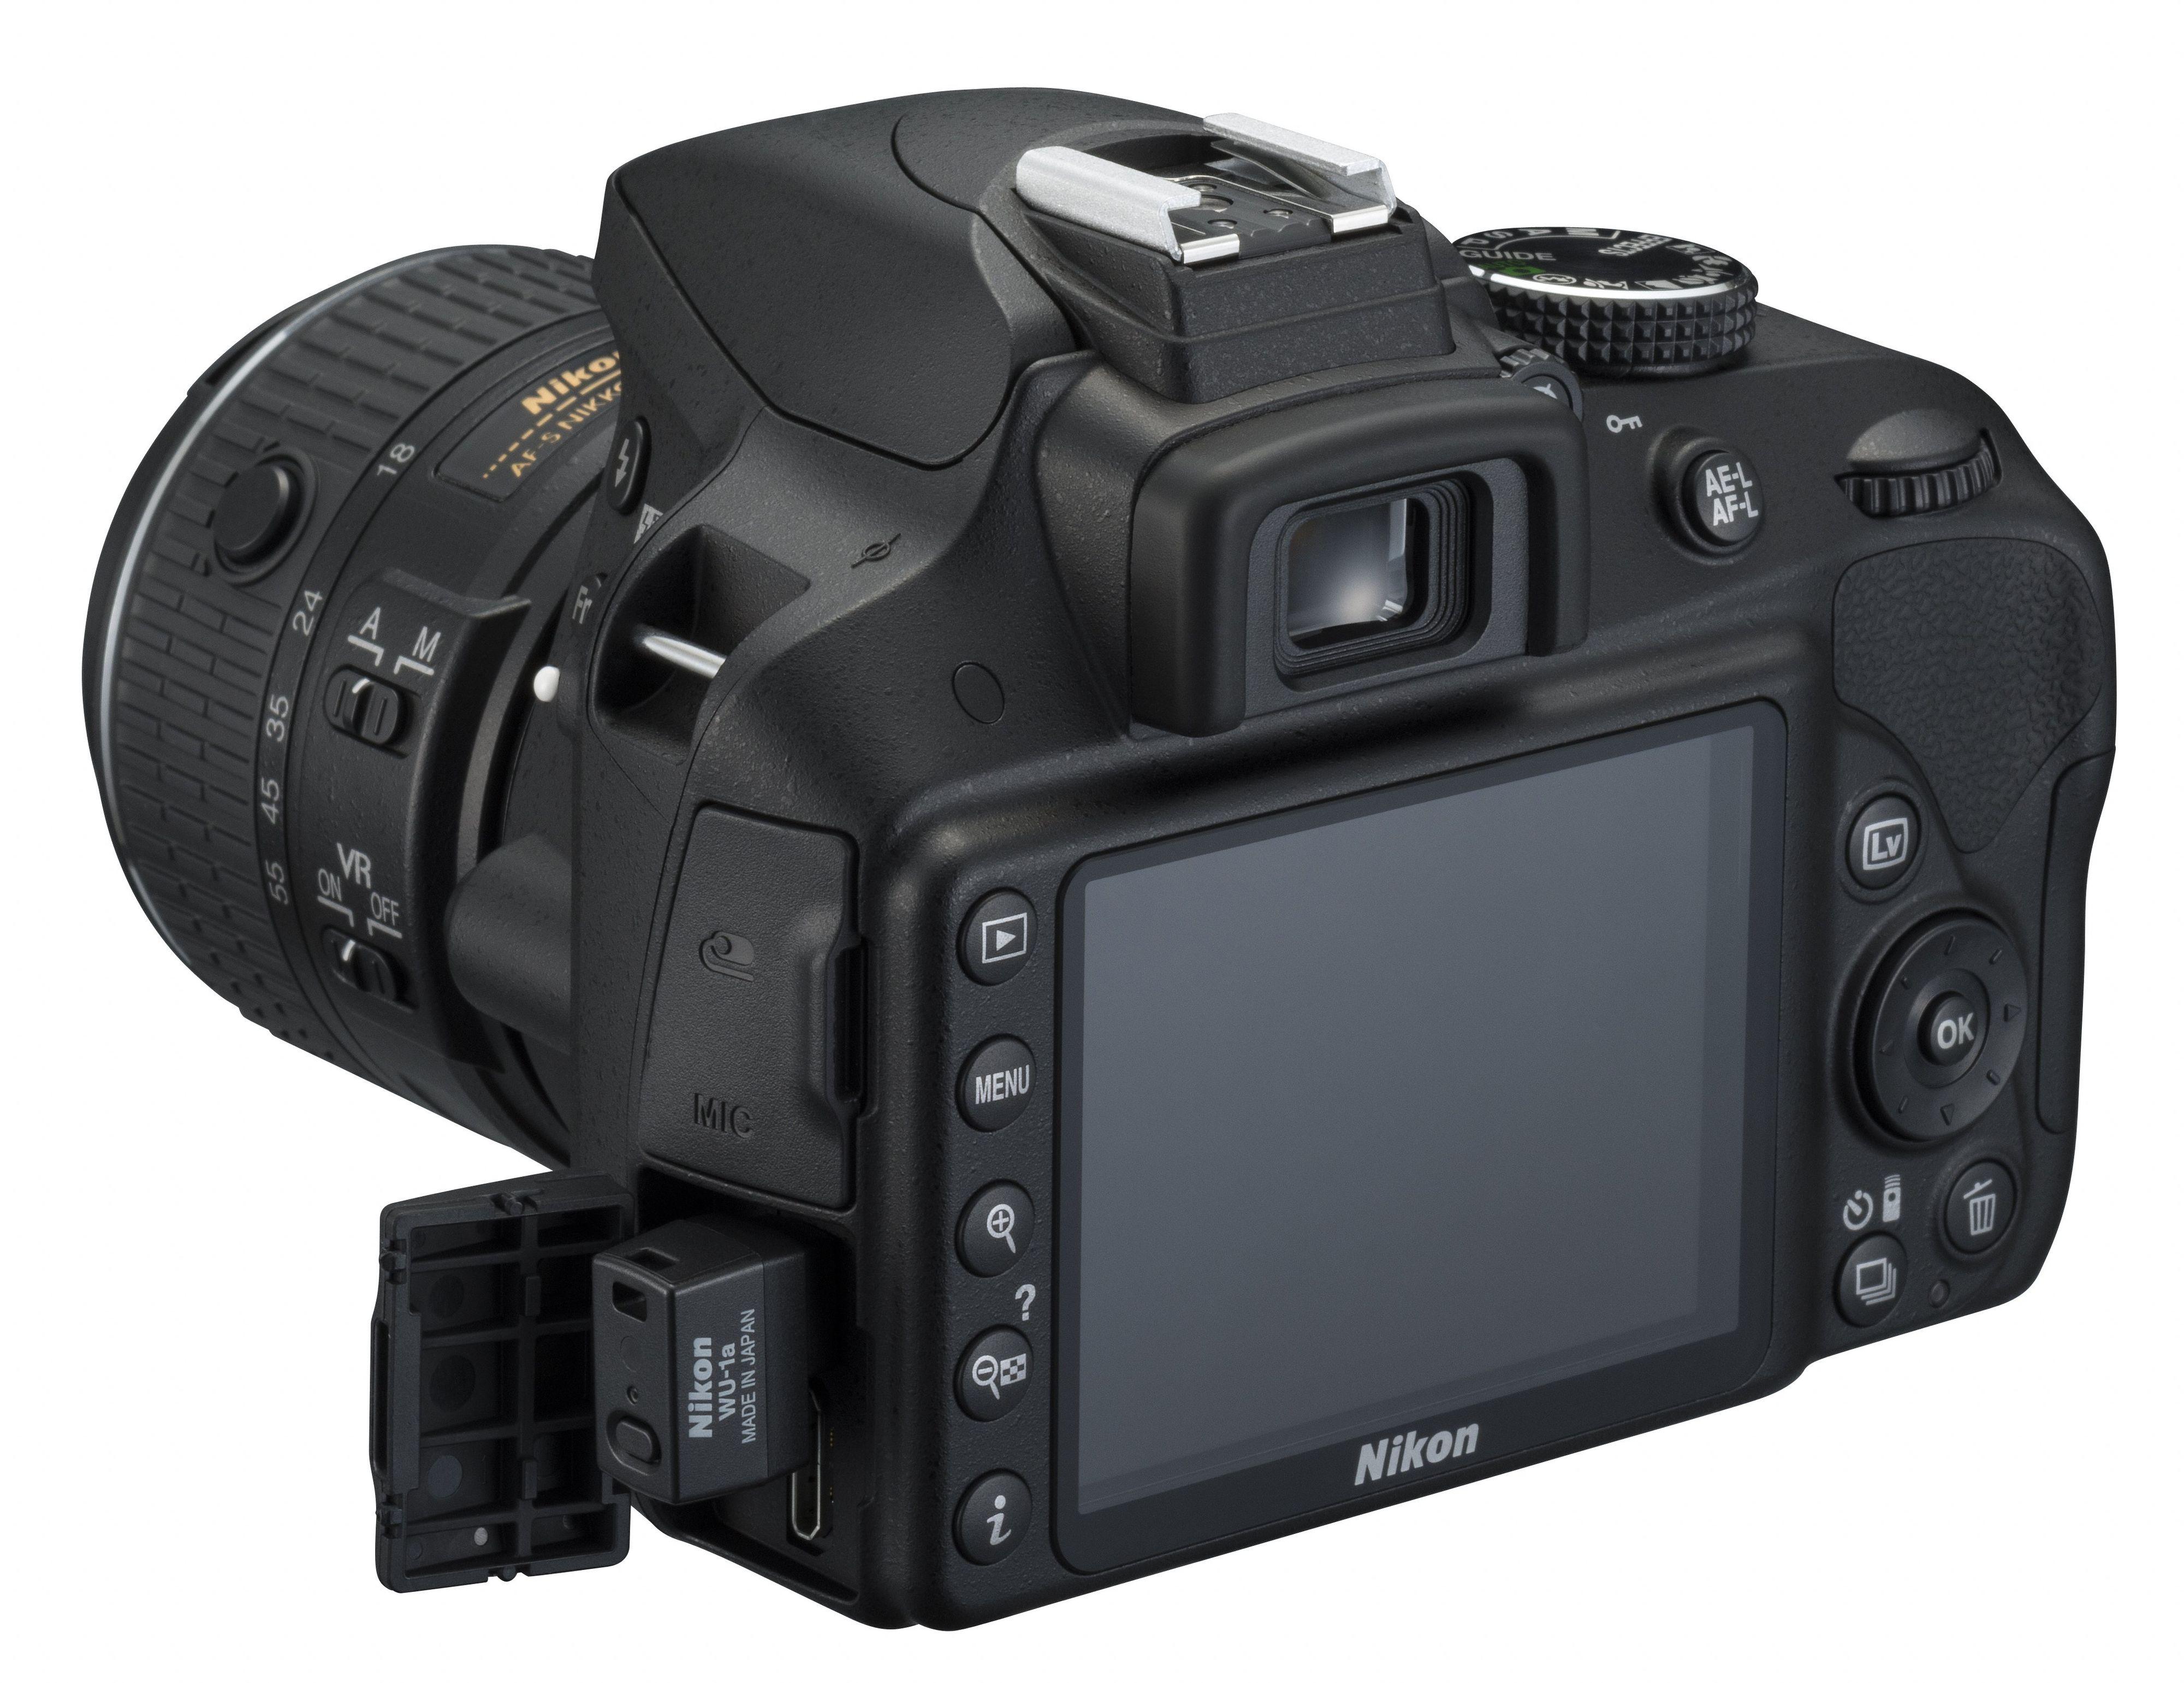 En tre tommer stor skjerm preger baksiden av D3300.Foto: Nikon